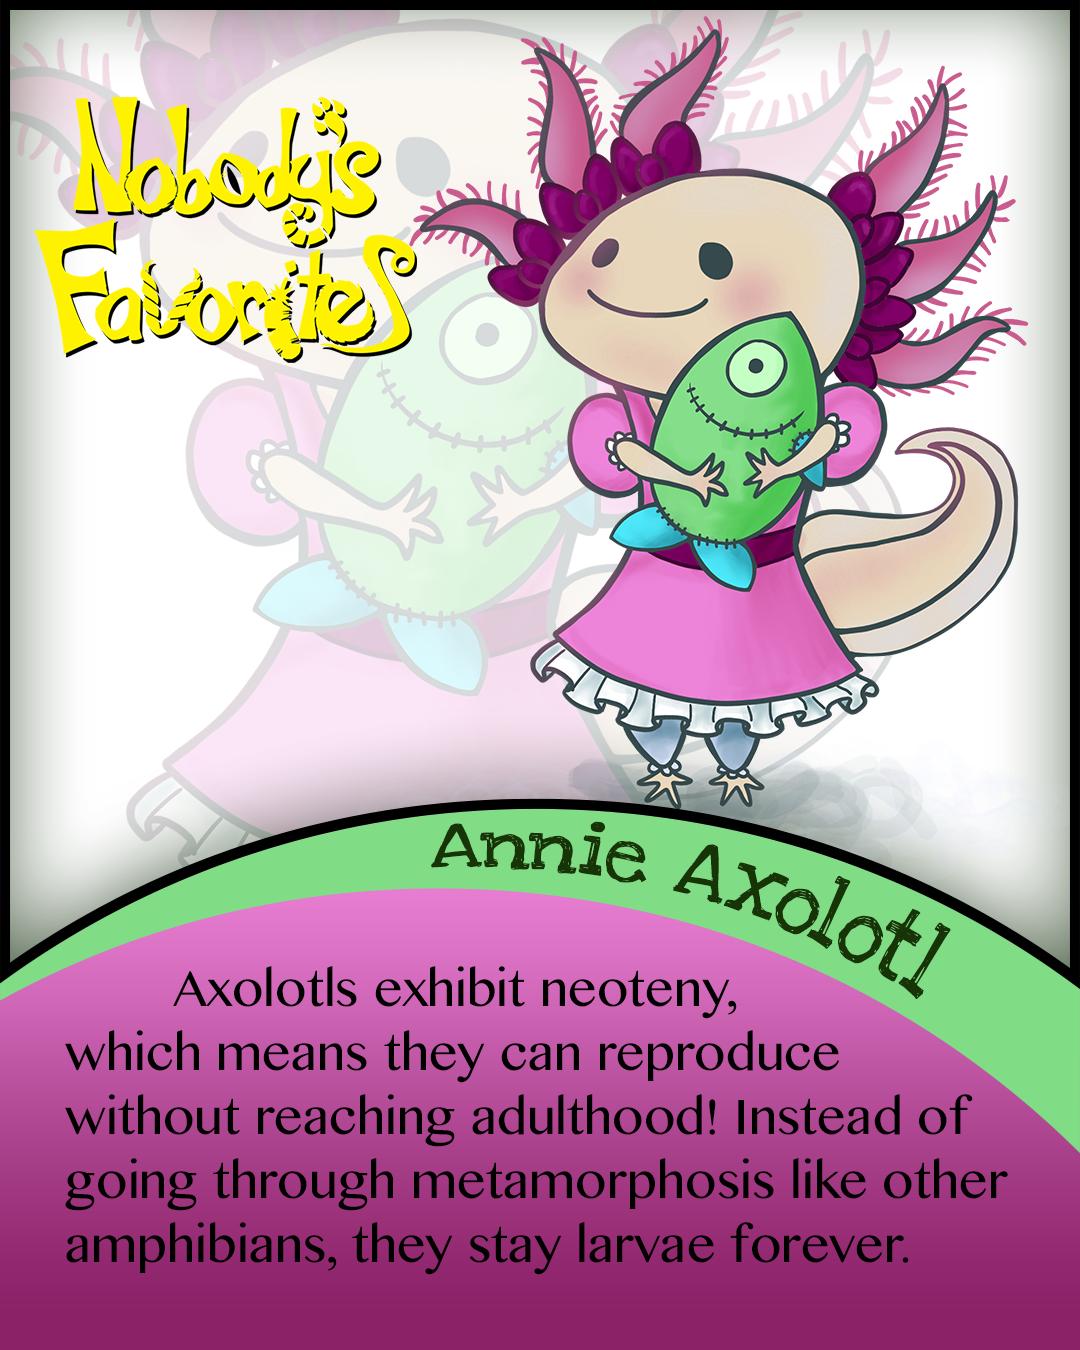 Annie Axolotl - Fact 2